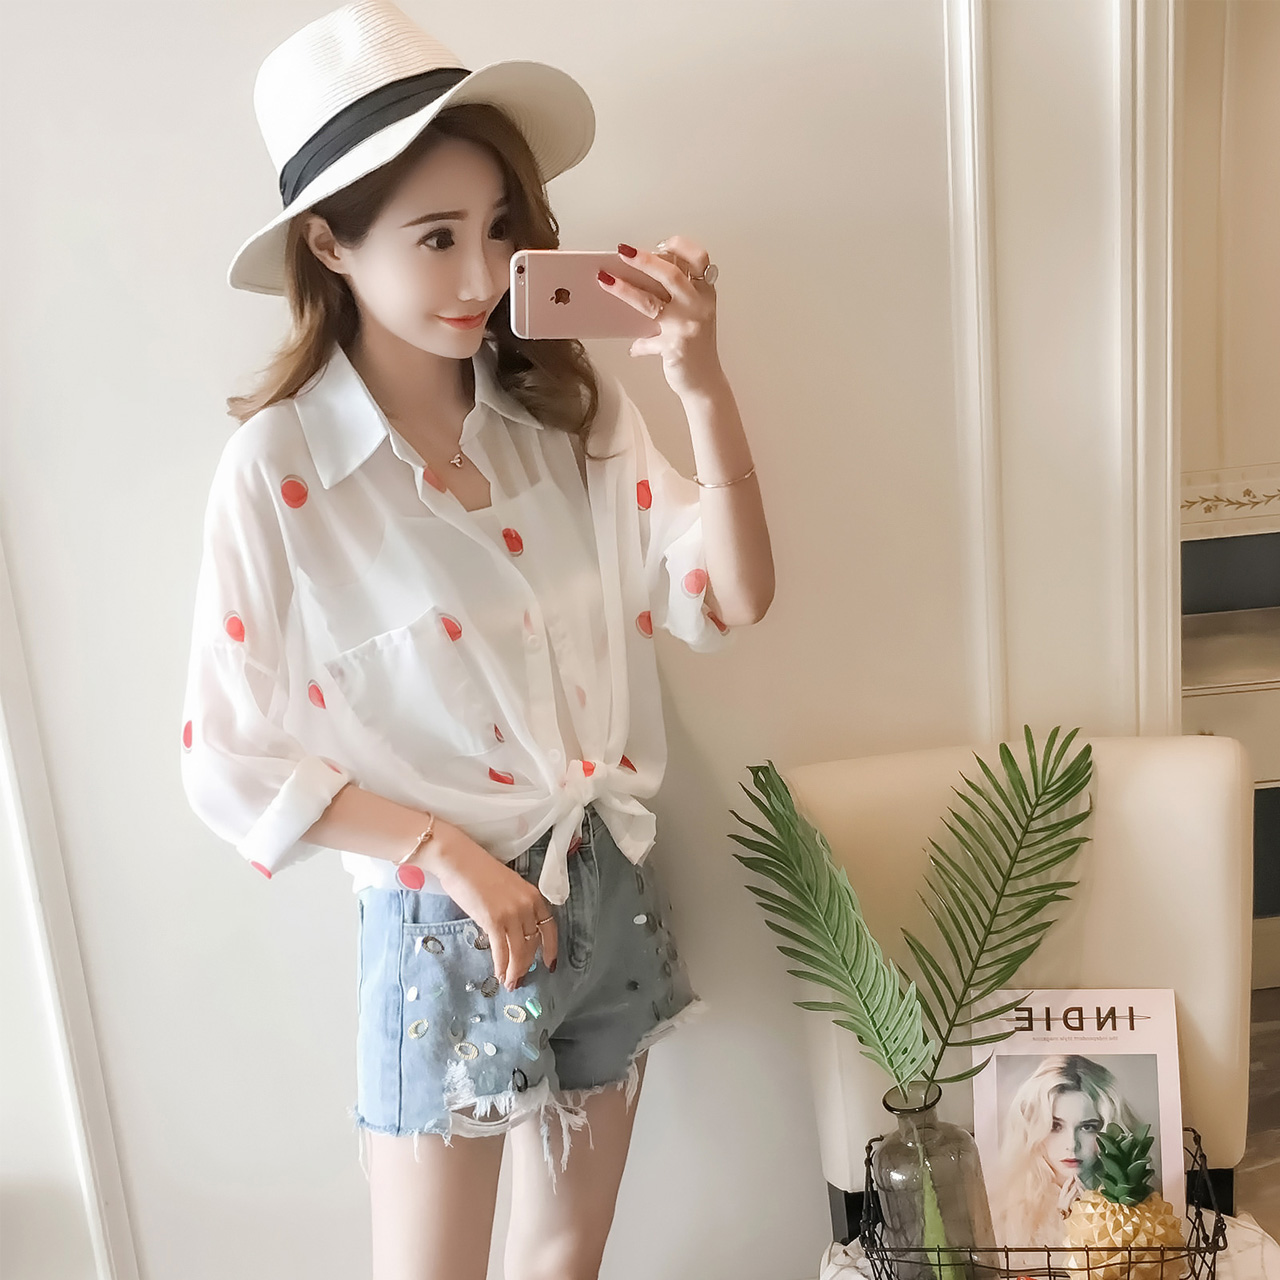 翻领雪纺衬衫女夏2018新韩版打底吊带+圆点衬衣清新时髦两件套